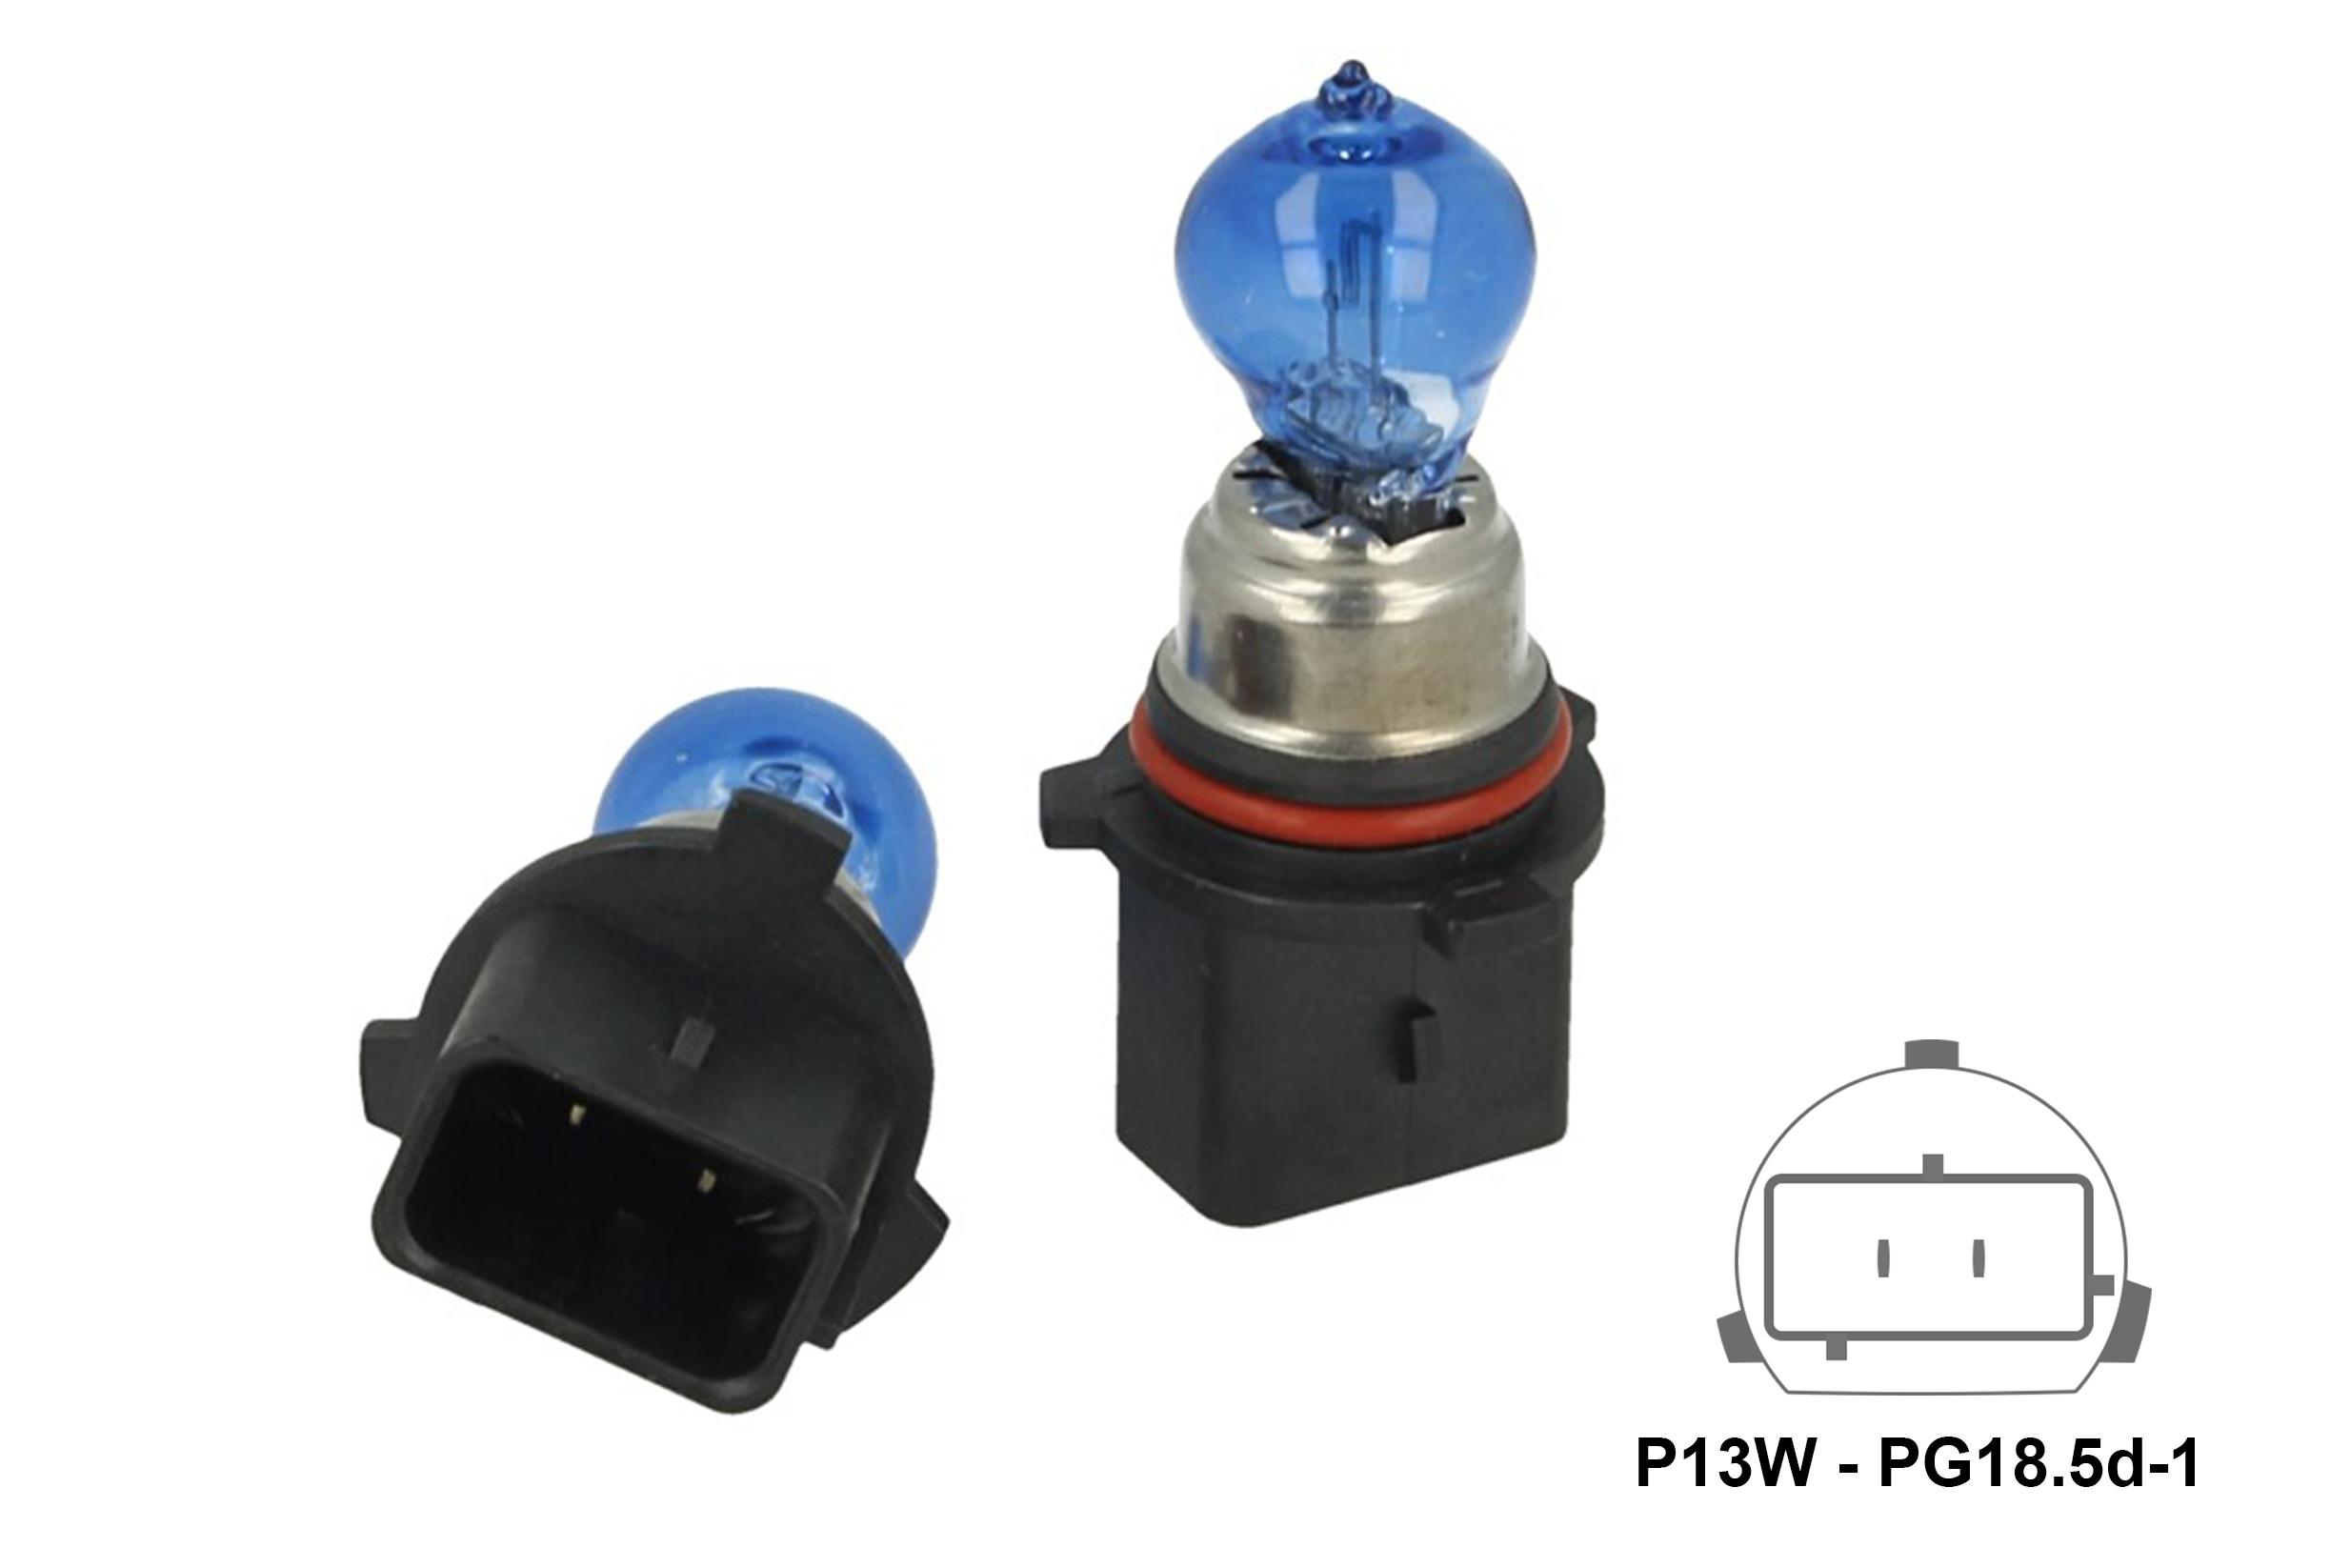 Lampada P13W 12V 13W PG18.5d-1 Super White Effetto Xenon Bianca Sostituzione Philips 12277C1 - PAIO